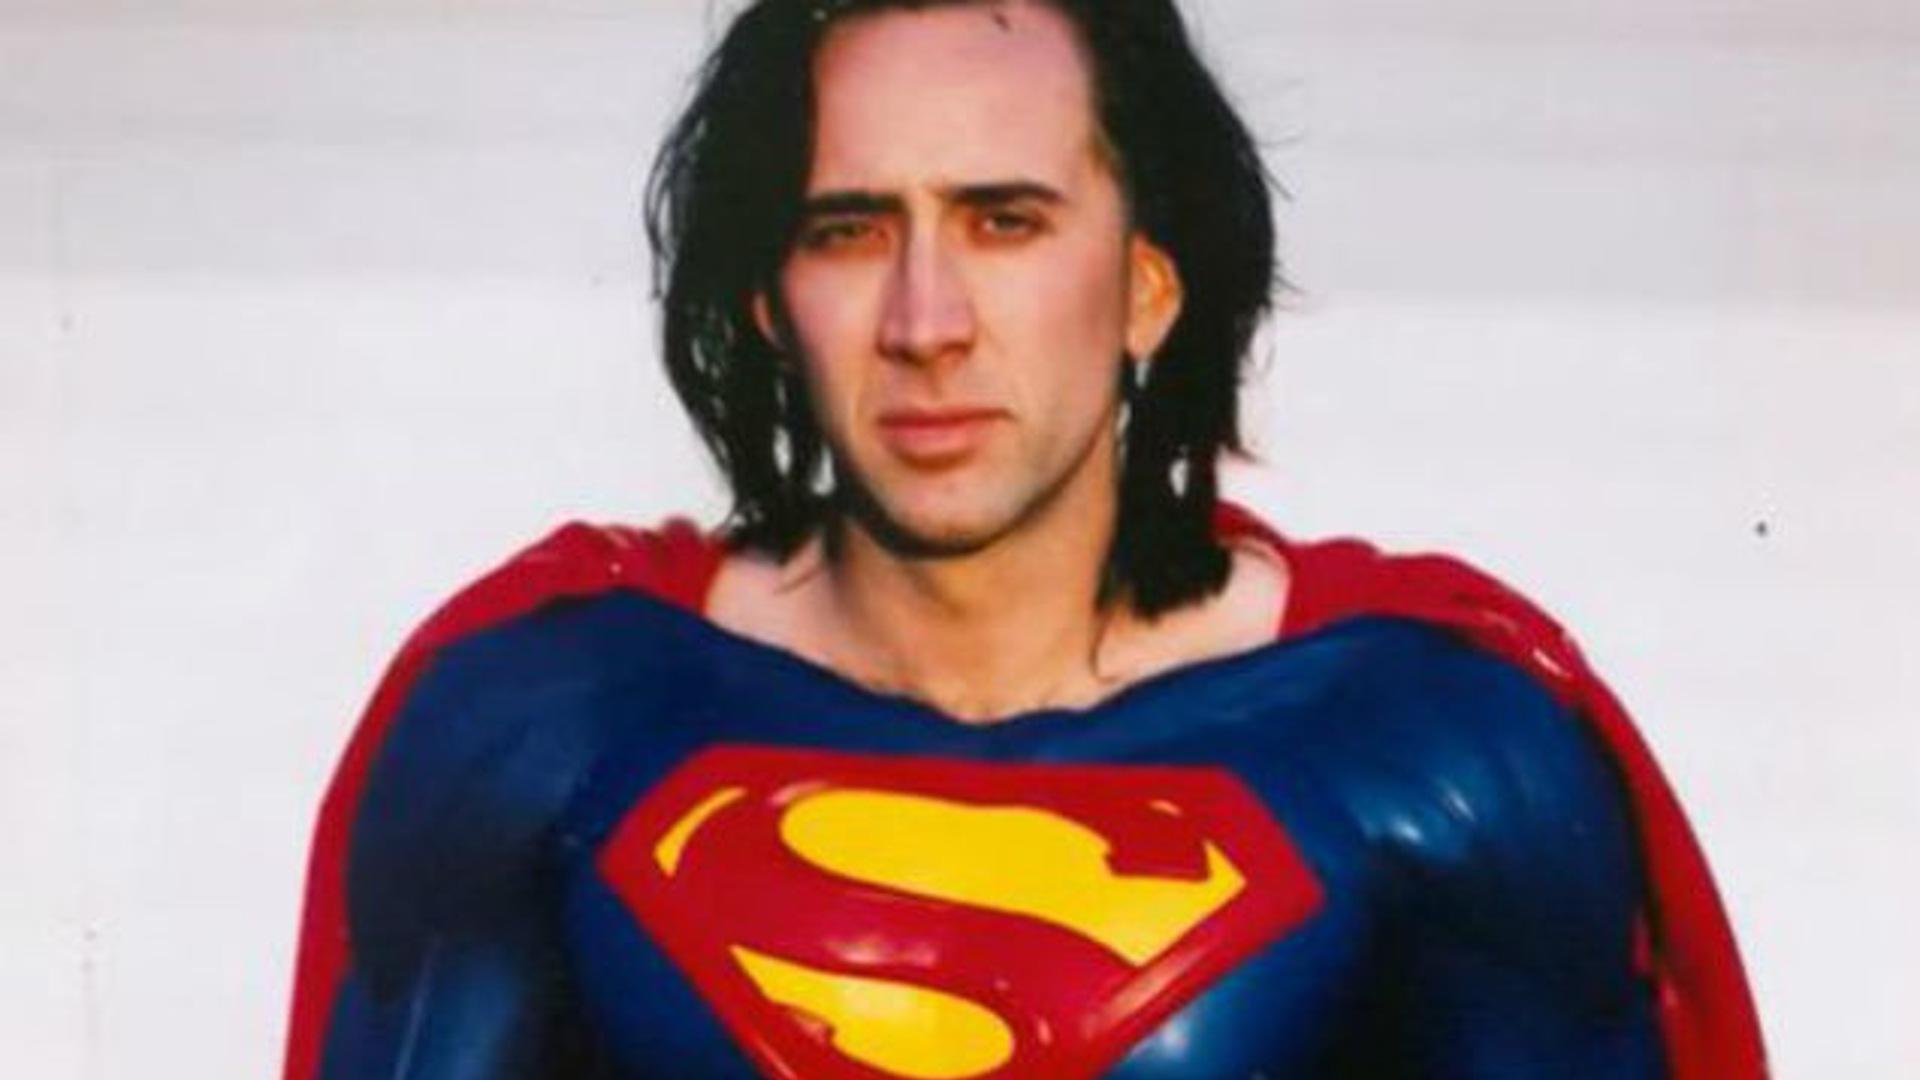 Χίλια μπράβο στον Nicolas Cage που θα είναι ο Superman στην πρώτη ταινία των Teen Titans